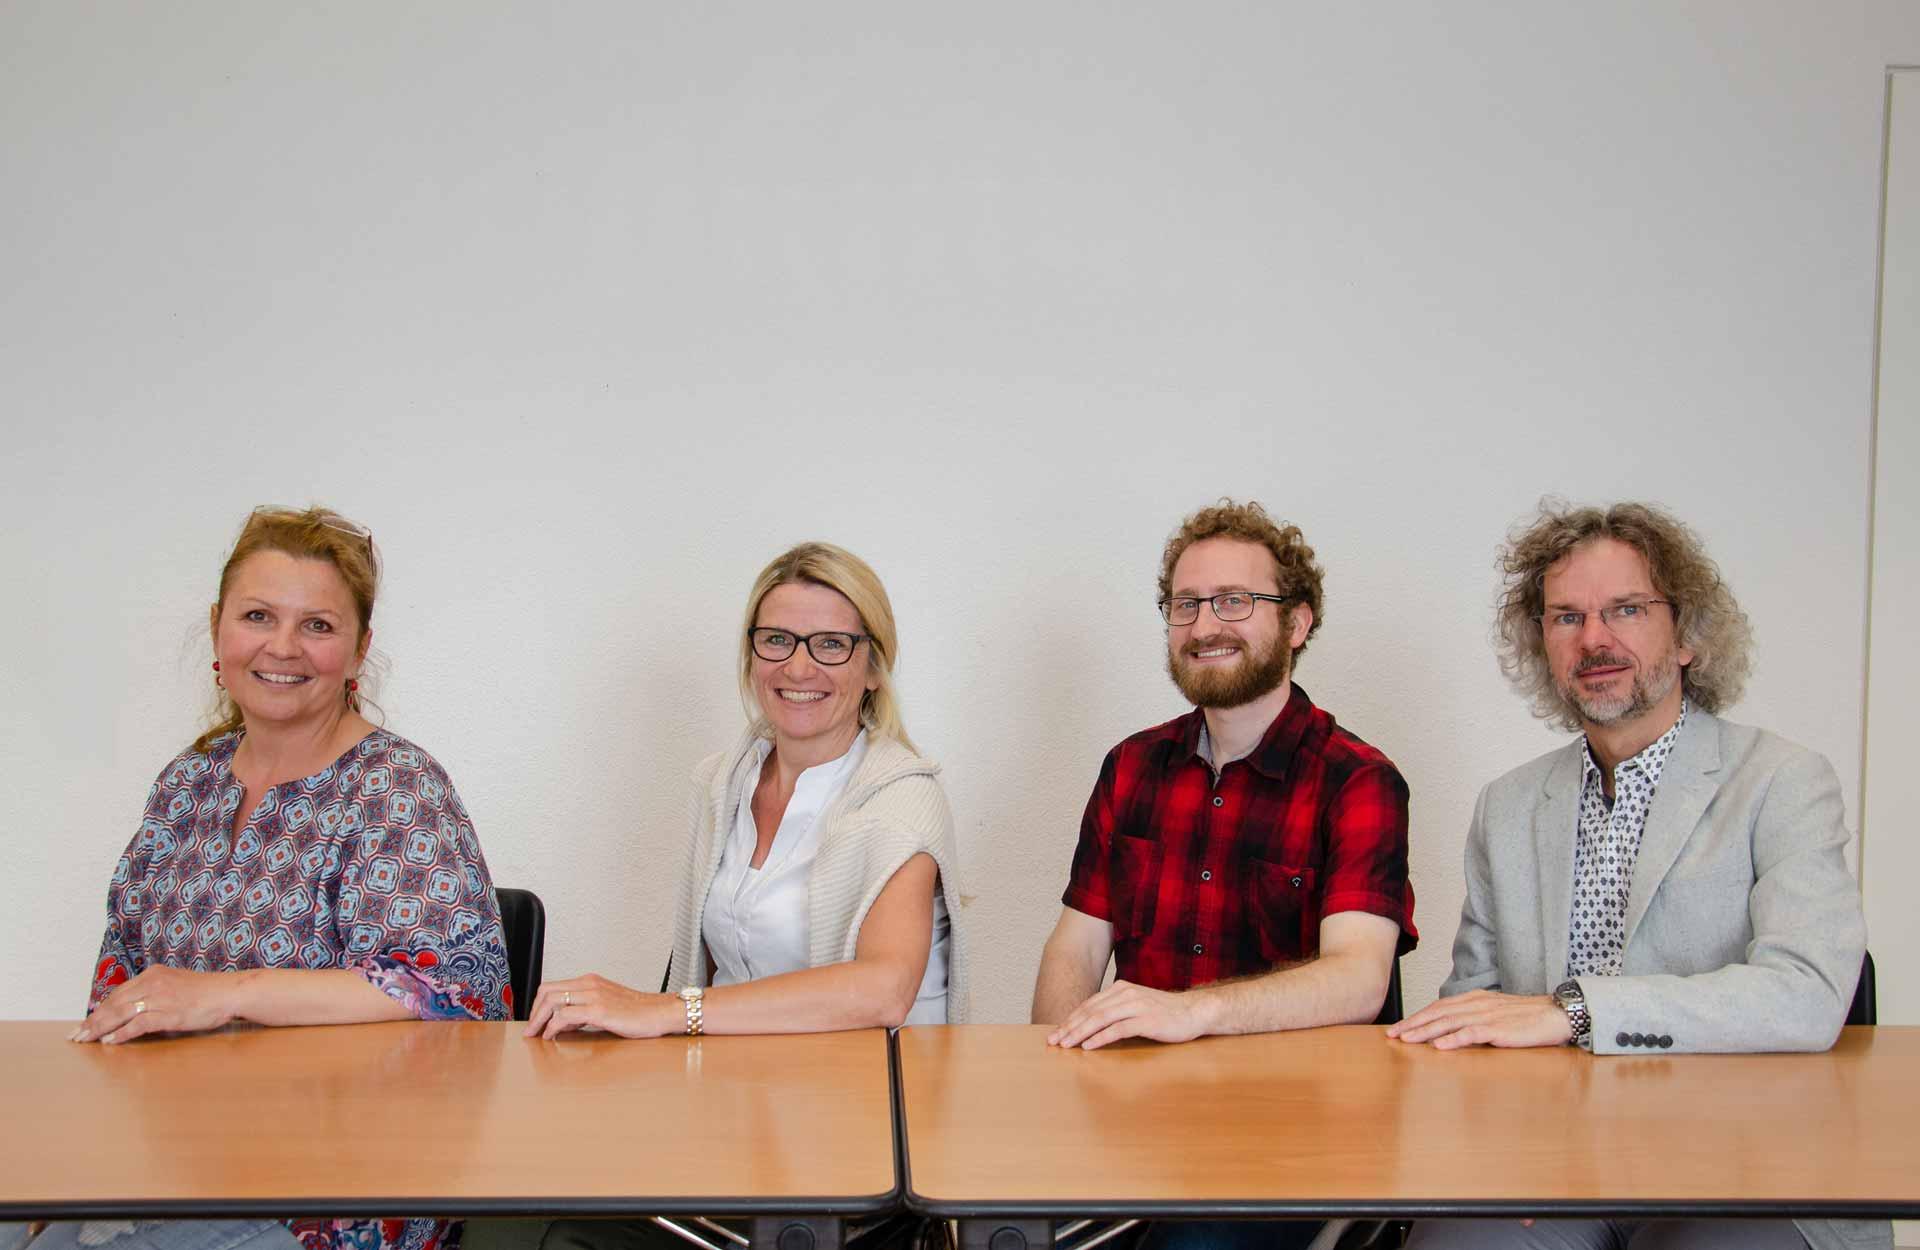 Diese Projektgruppe erarbeitet die Luzerner Umsetzungshilfe für den LeRUKa (von links): Gabrijela Odermatt, Pia Brüniger, Severin Schnurrenberger und Jürgen Rotner. | © 2018 Dominik Thali